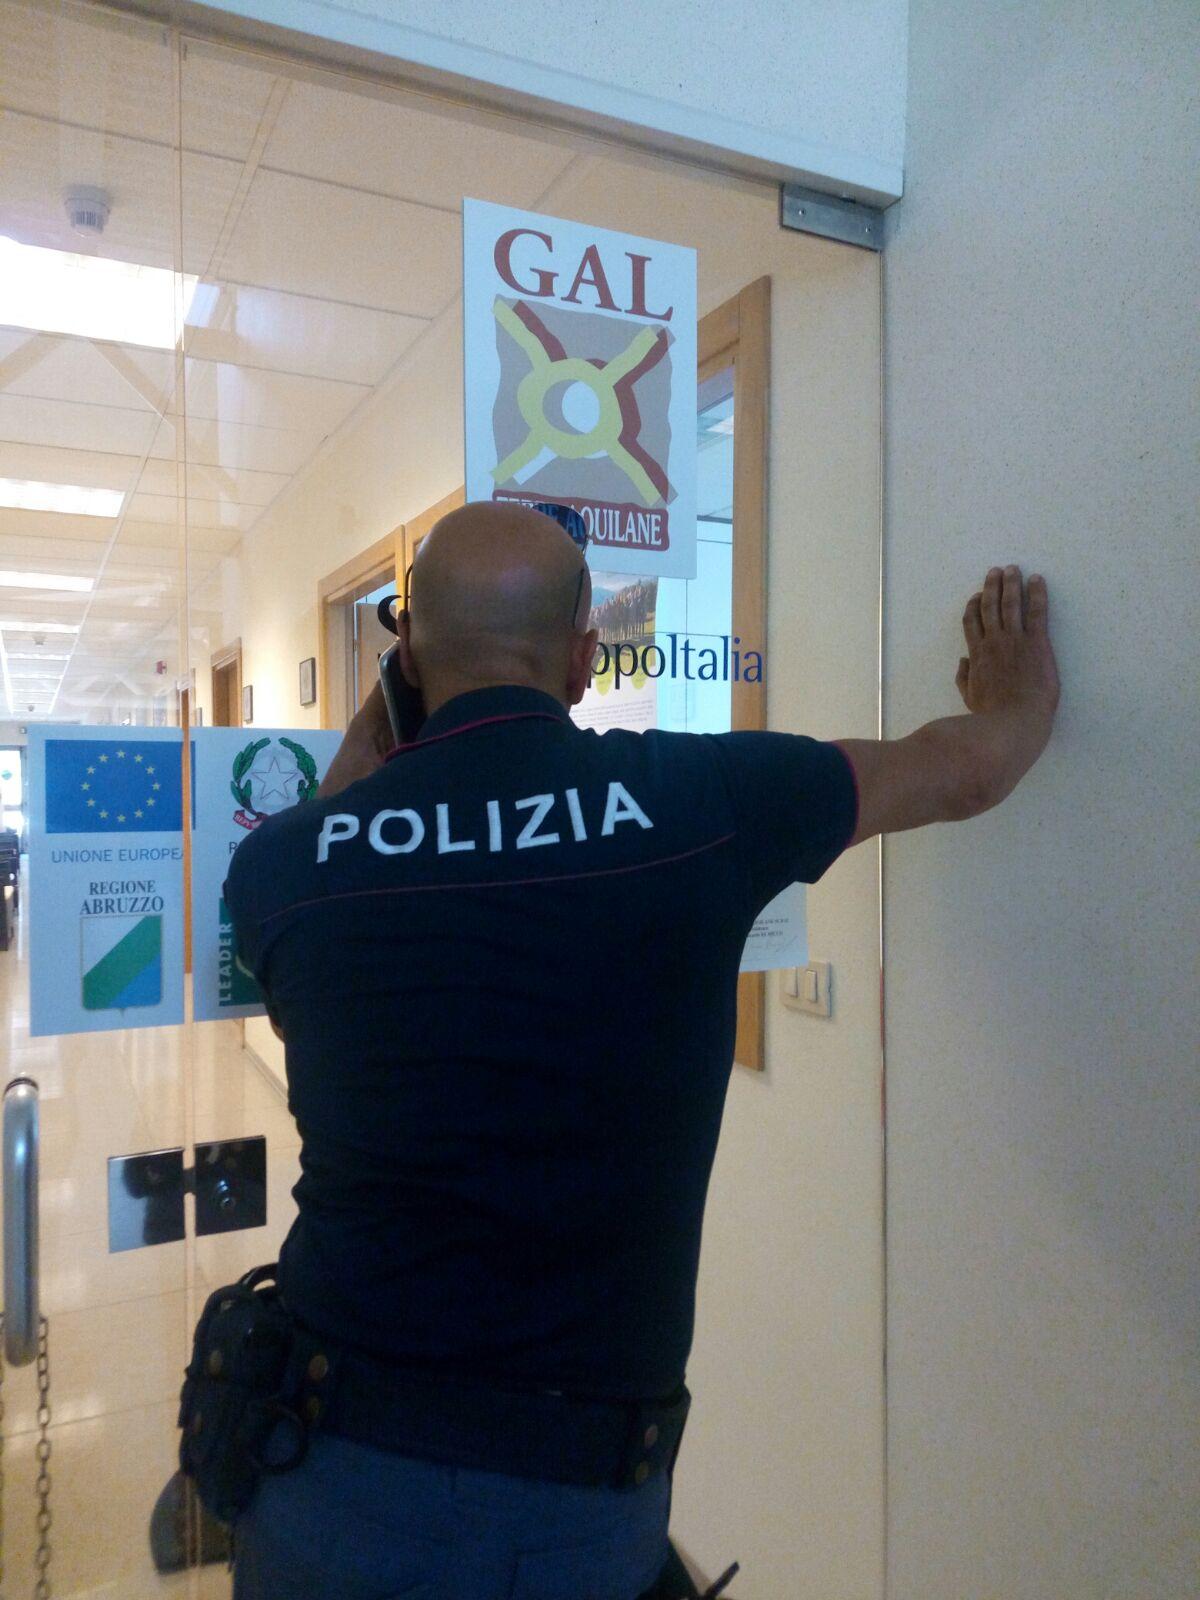 """Cicchinelli: """"Gal sotto l'attacco di una cupola"""". Carlini: """"Abbiamo rispettato le regole"""""""